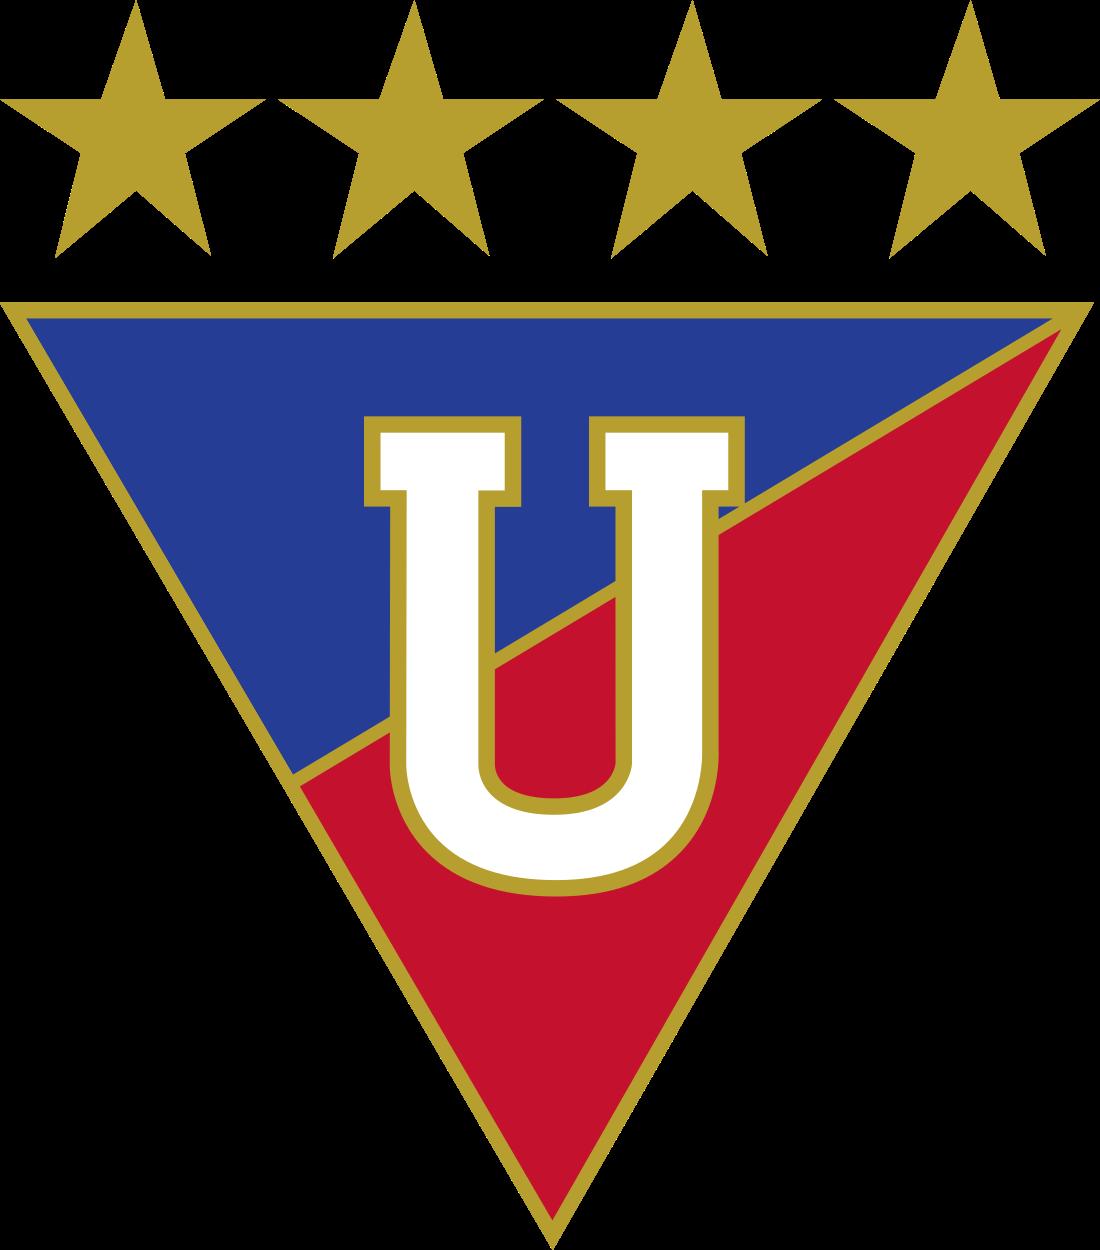 ldu logo 7 - LDU Logo - Liga Deportiva Universitaria de Quito Escudo